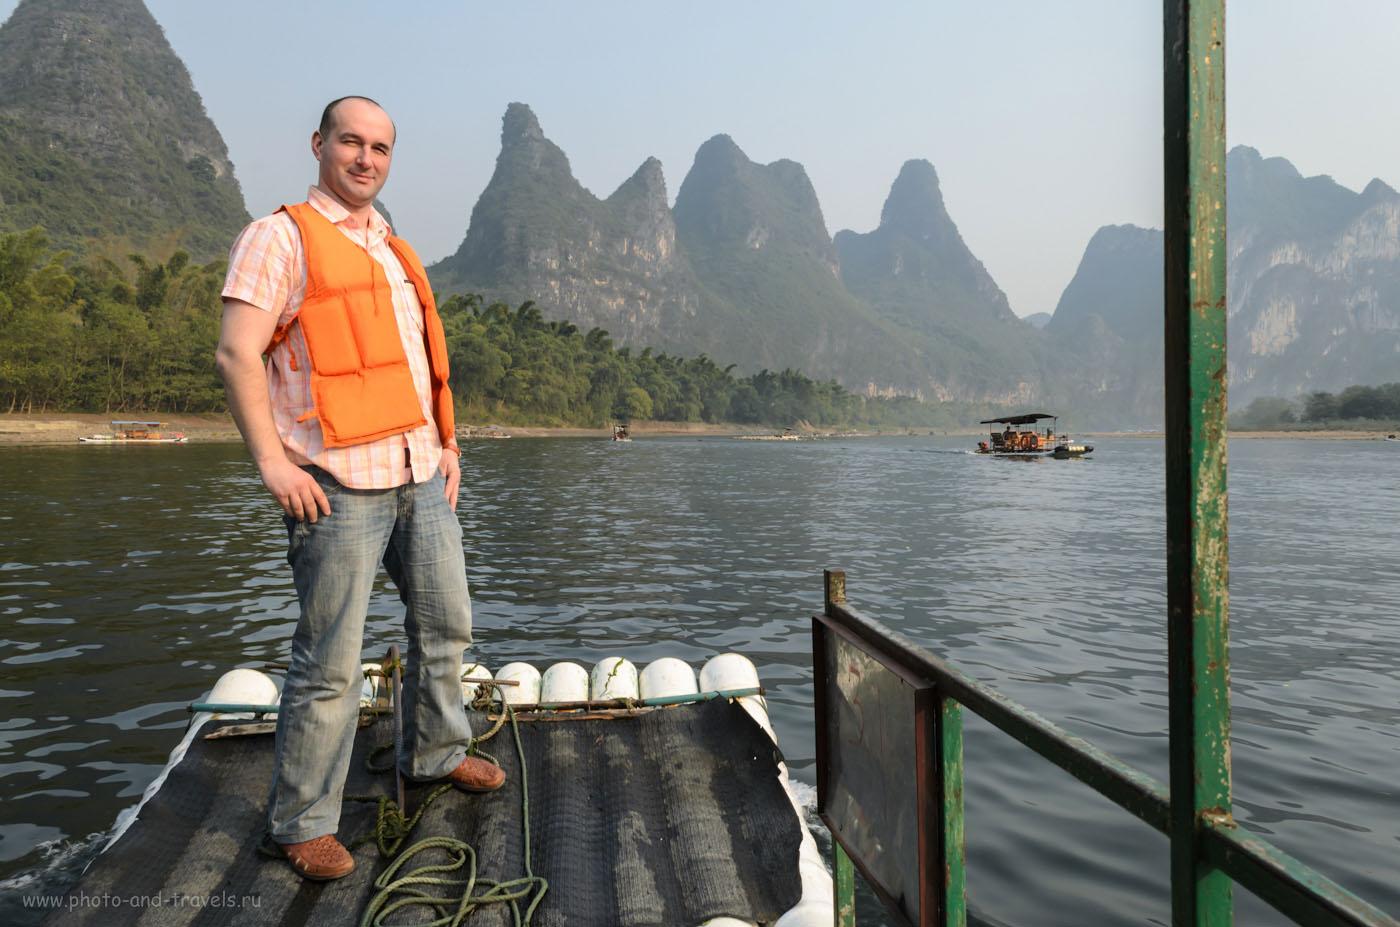 Фото 5. Фото. Сплав на бамбуковых плотах по реке Лицзян (丽江, Lijiang river) во время отдыха в городке Яншо на Юго-Востоке Китая. Отчеты о самостоятельной поездке.